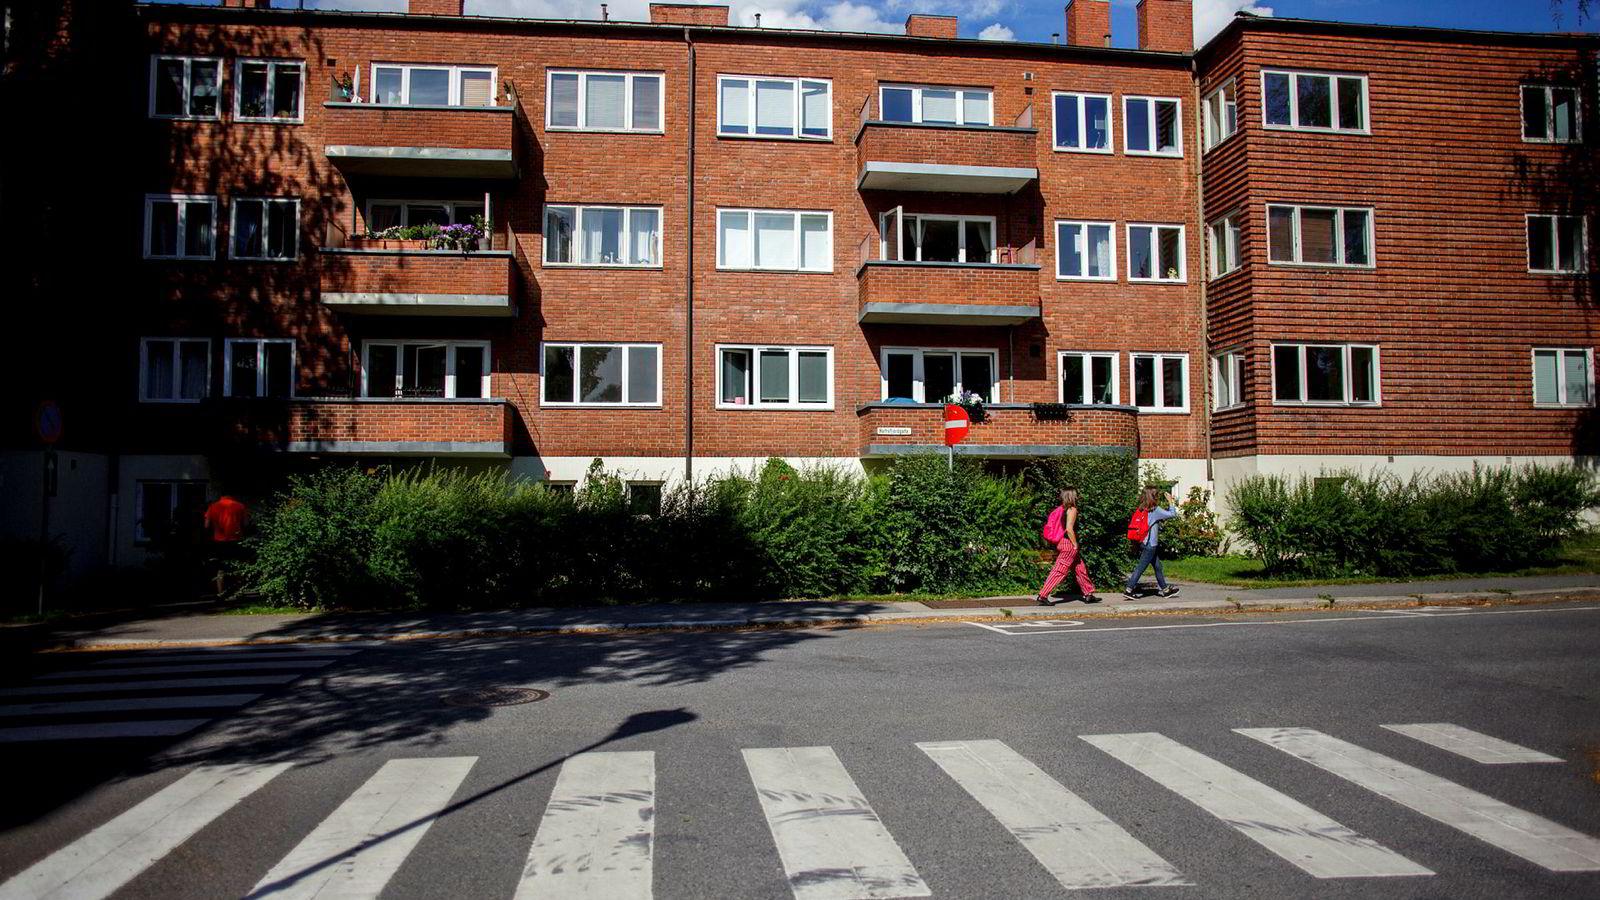 Under valgkampen i 2015 foreslo Oslo Arbeiderparti å innføre eiendomsskatt med et bunnfradrag på fire millioner kroner. Ingen andre kommuner har så høyt bunnfradrag. Bildet er fra Hafrsfjordgata 31 i Oslo.